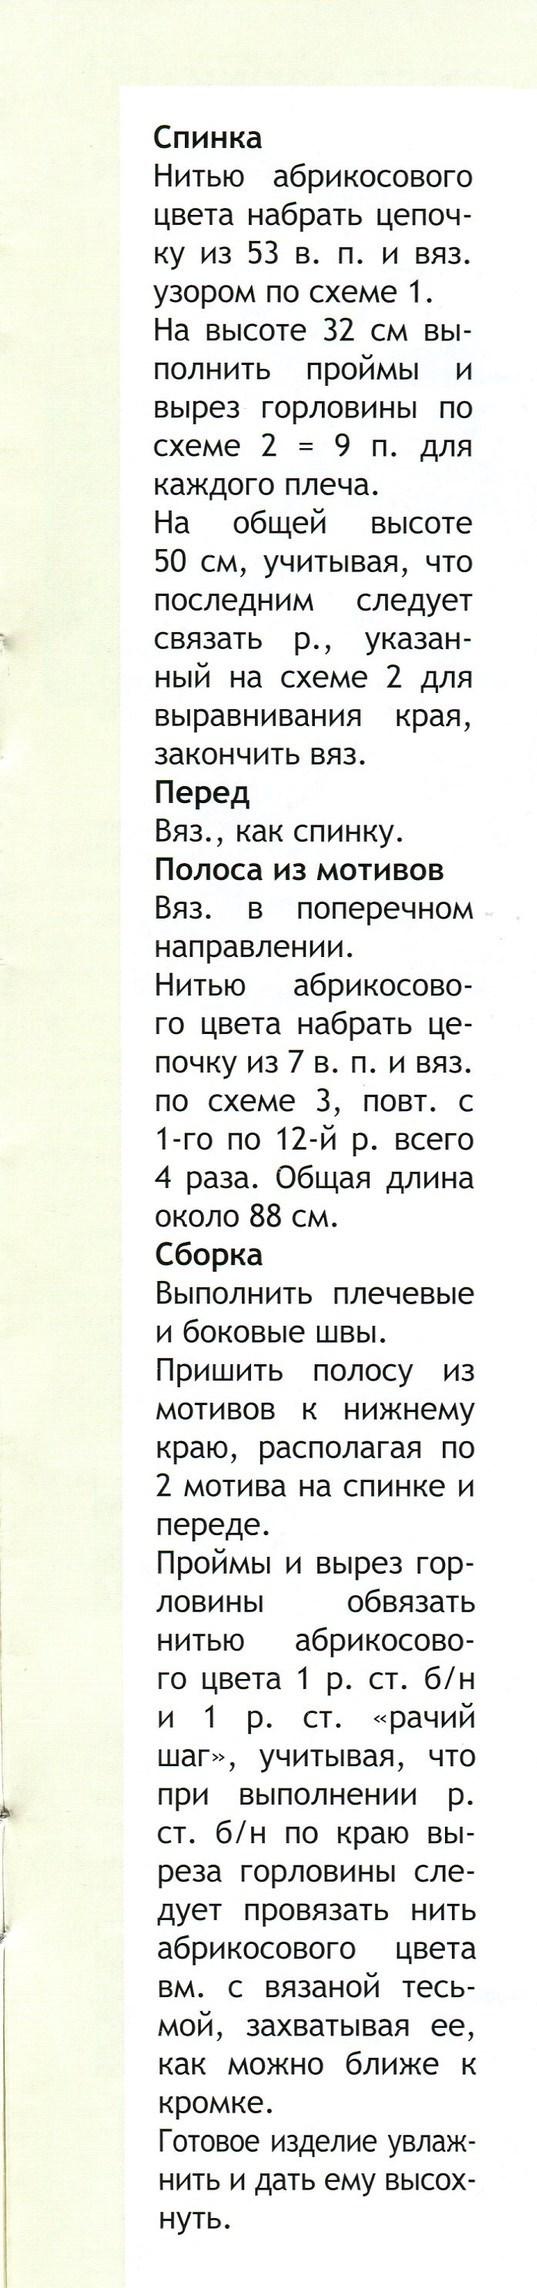 0883_ВДД_7.13 (35)